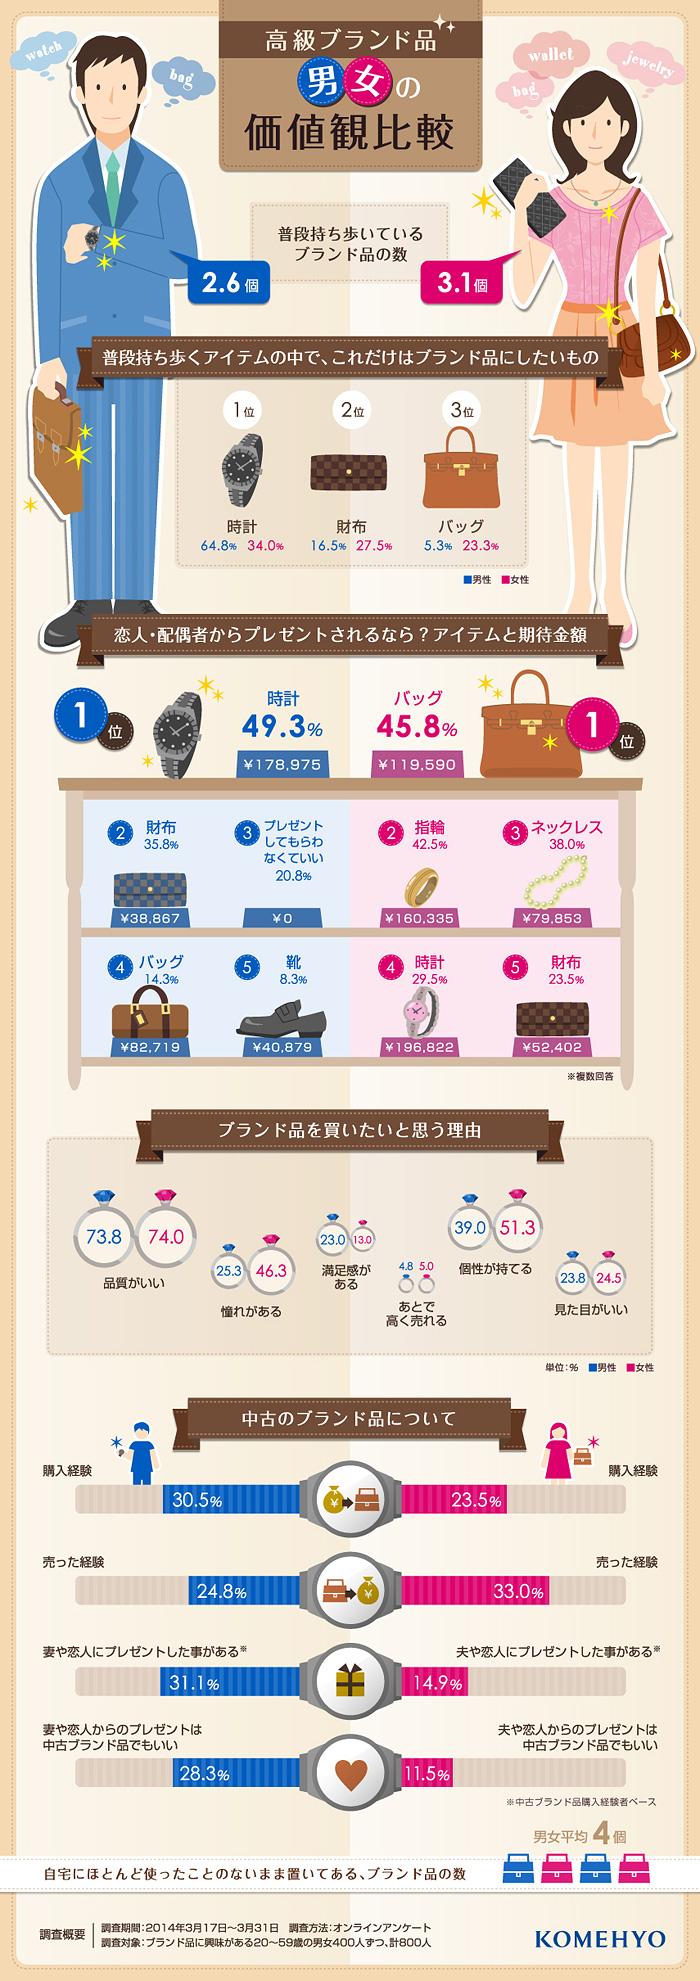 女性は男性よりもブランド好き。男女ともに人気アイテム1位は時計を表すインフォグラフィック